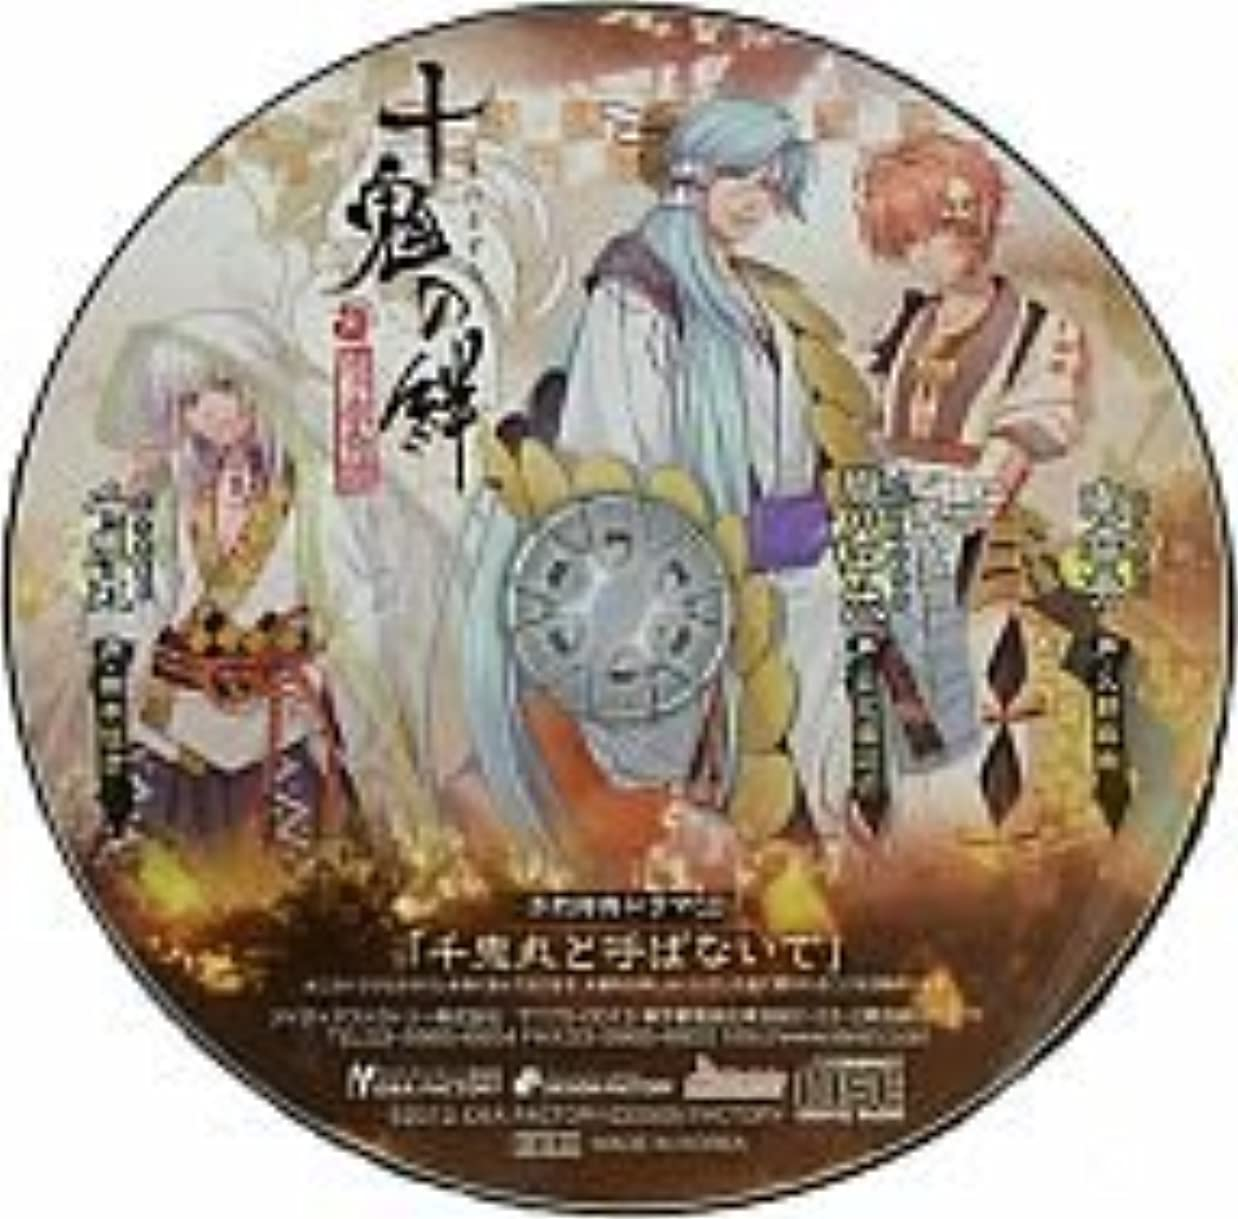 葉を拾うエミュレーションレキシコン十鬼の絆 ドラマCD「千鬼丸と呼ばないで」+ドラマCD「酒呑童子と呼ばないで」2枚